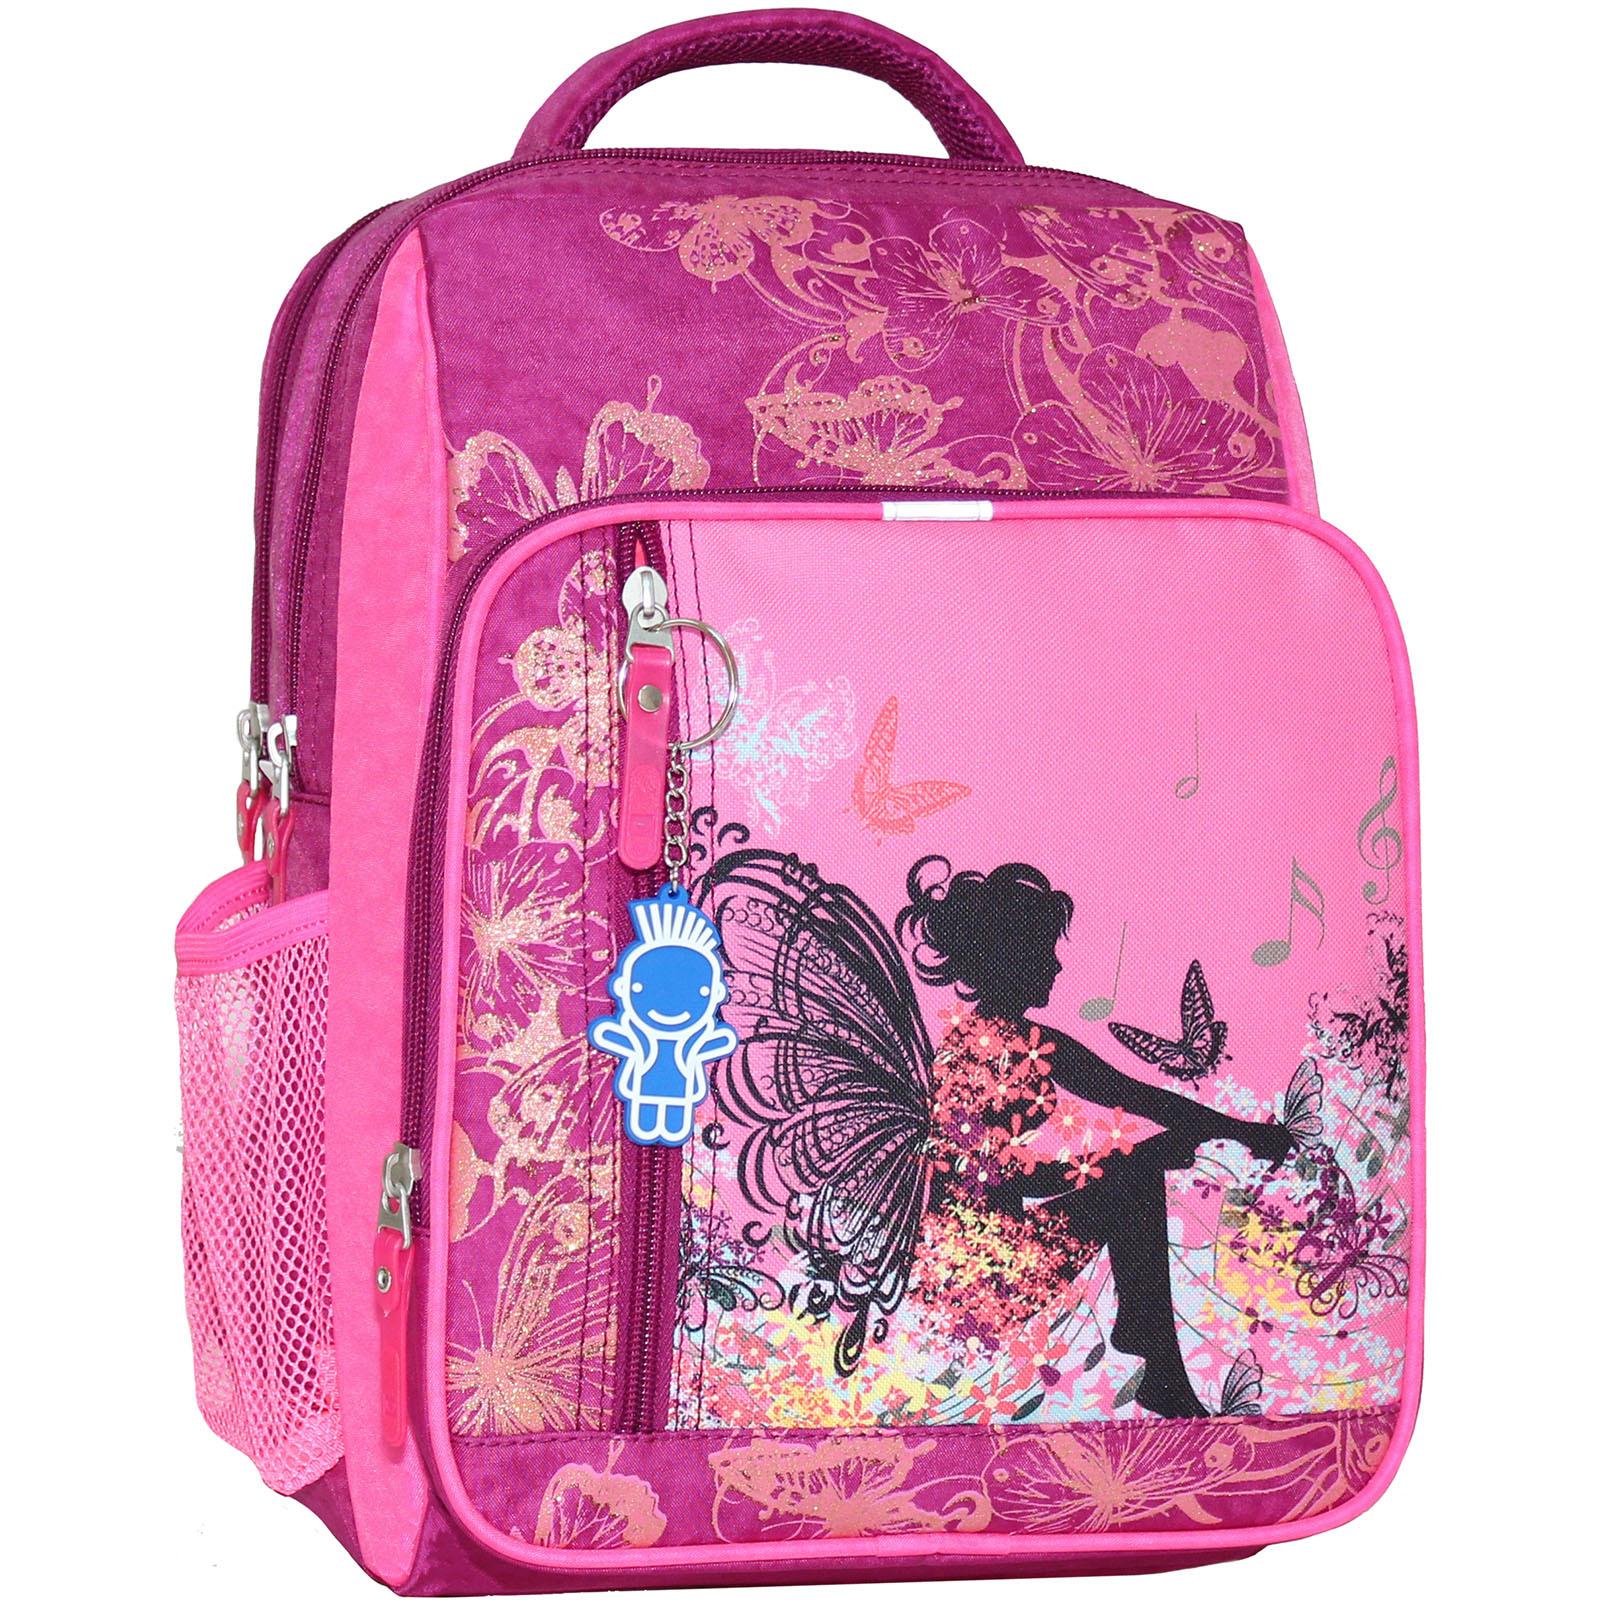 Школьные рюкзаки Рюкзак школьный Bagland Школьник 8 л. 143 малина 389 (00112702) IMG_4953_2389_.JPG